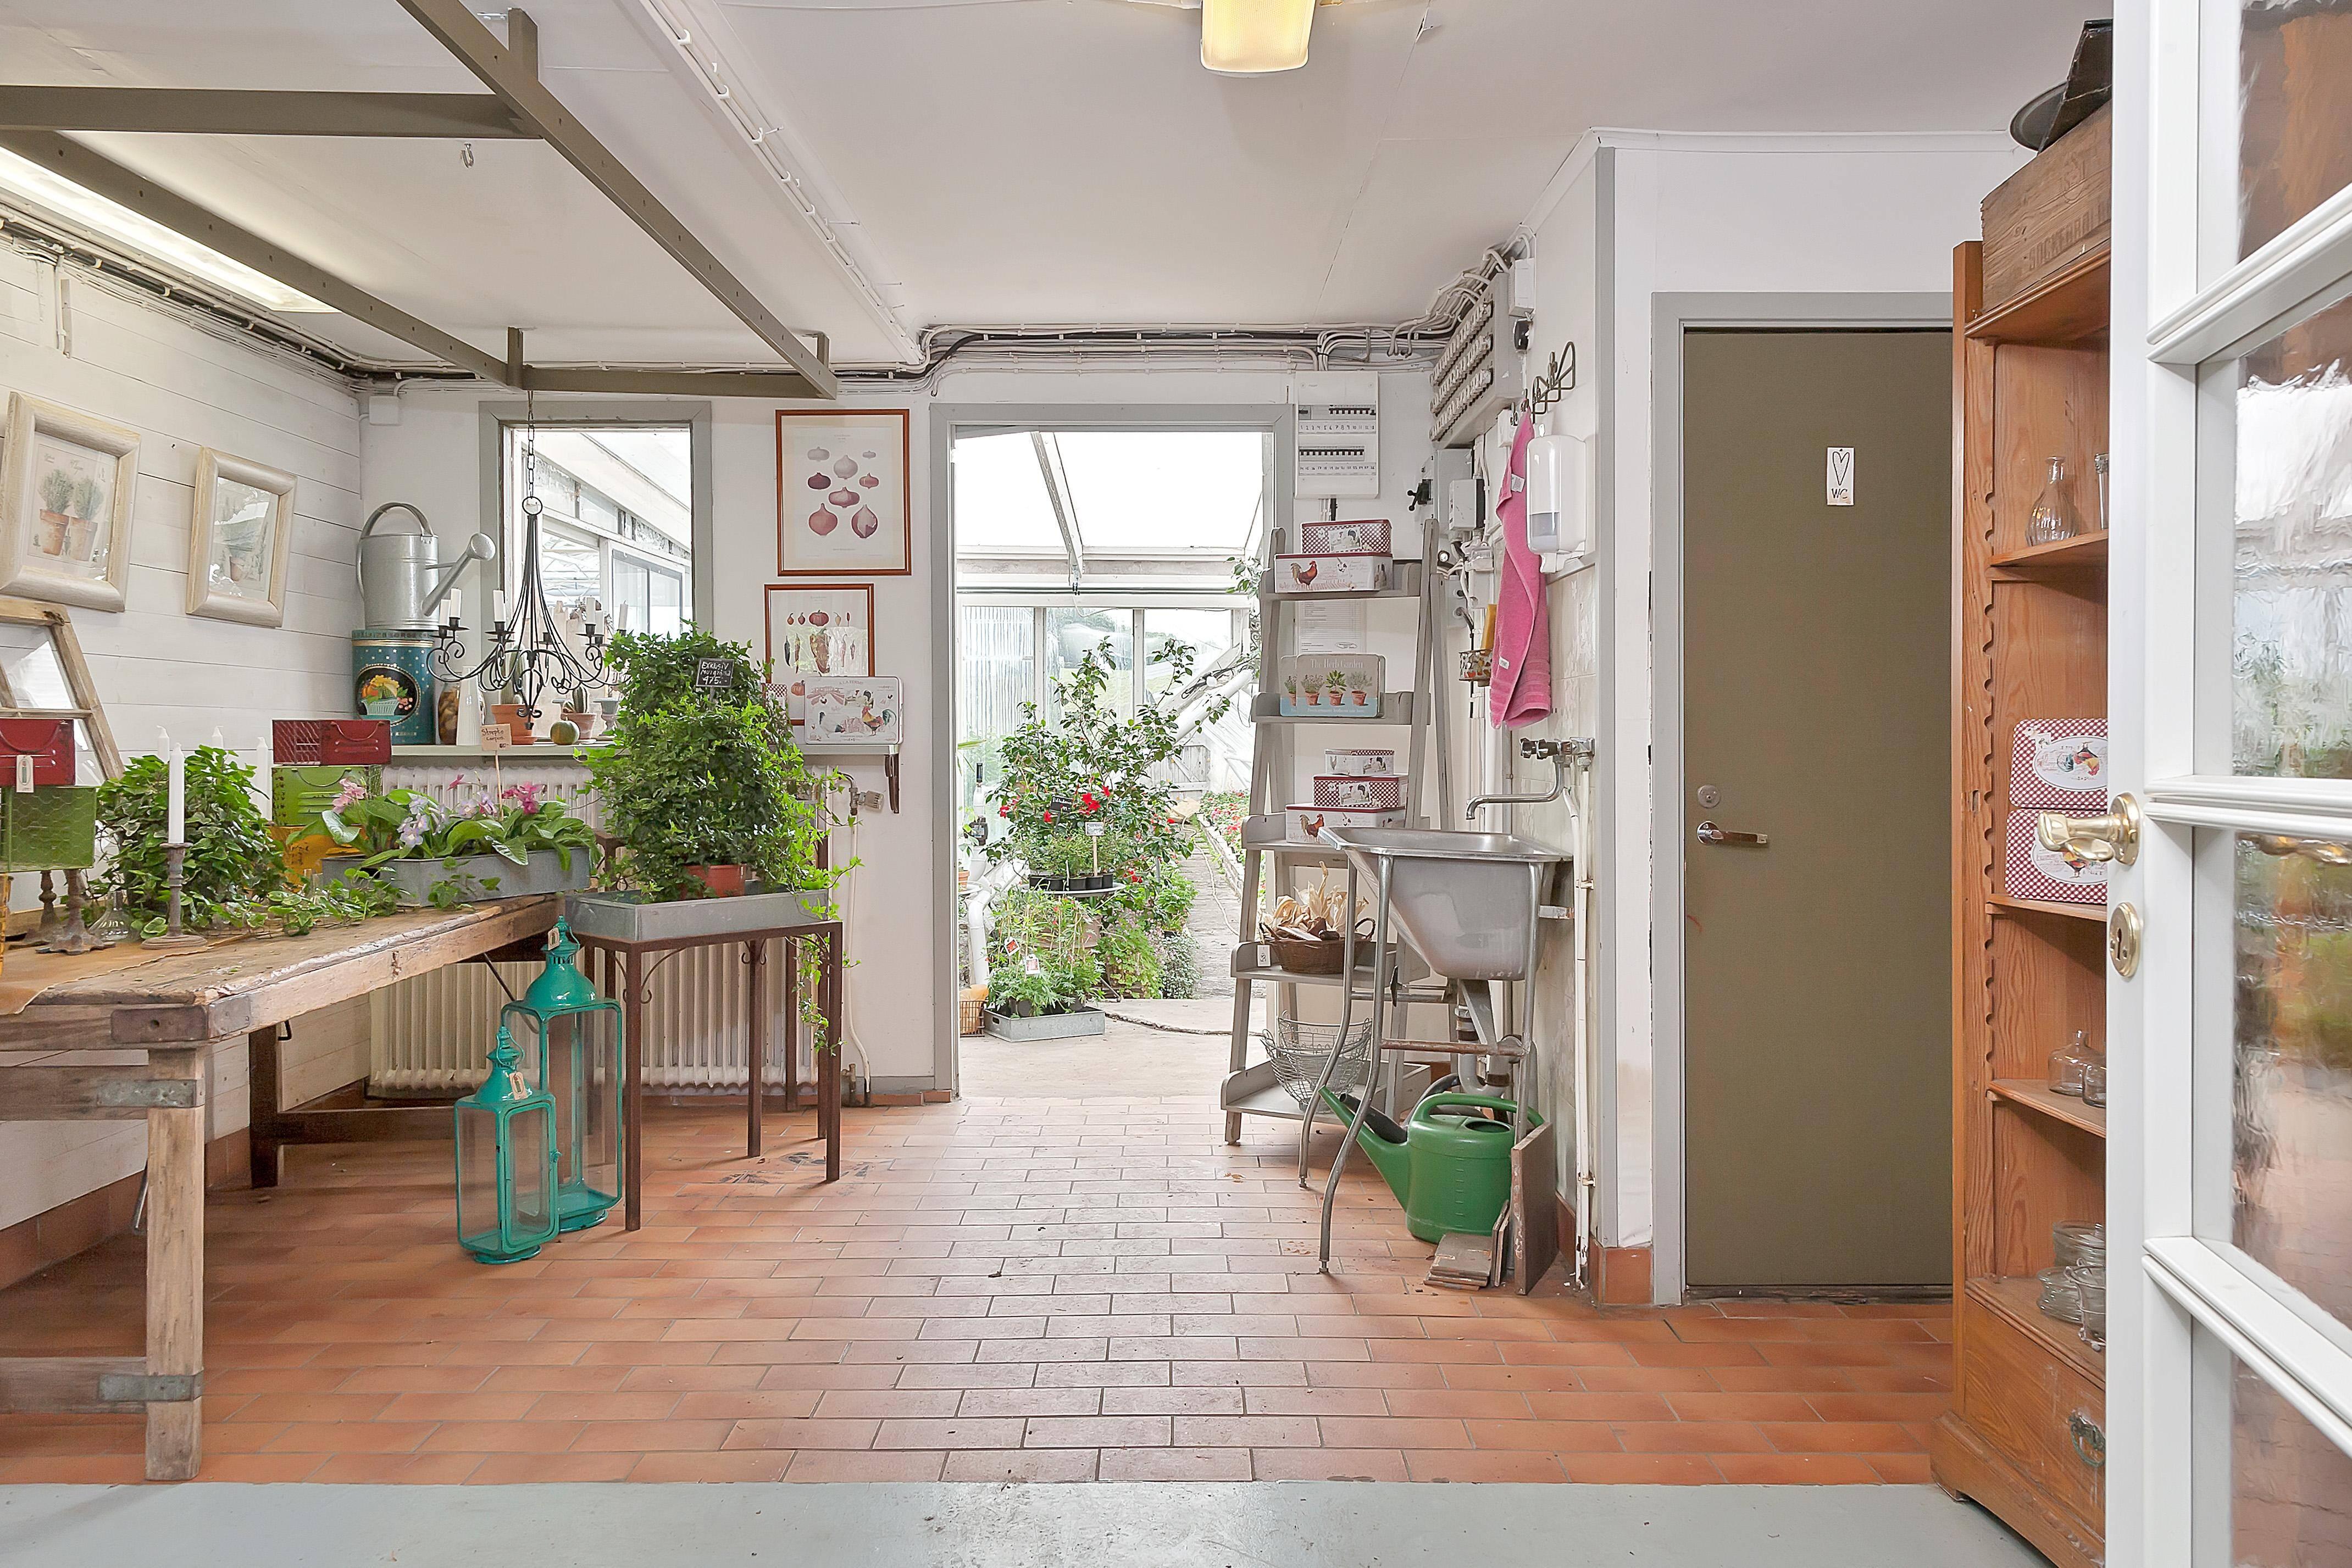 Butik och växthus